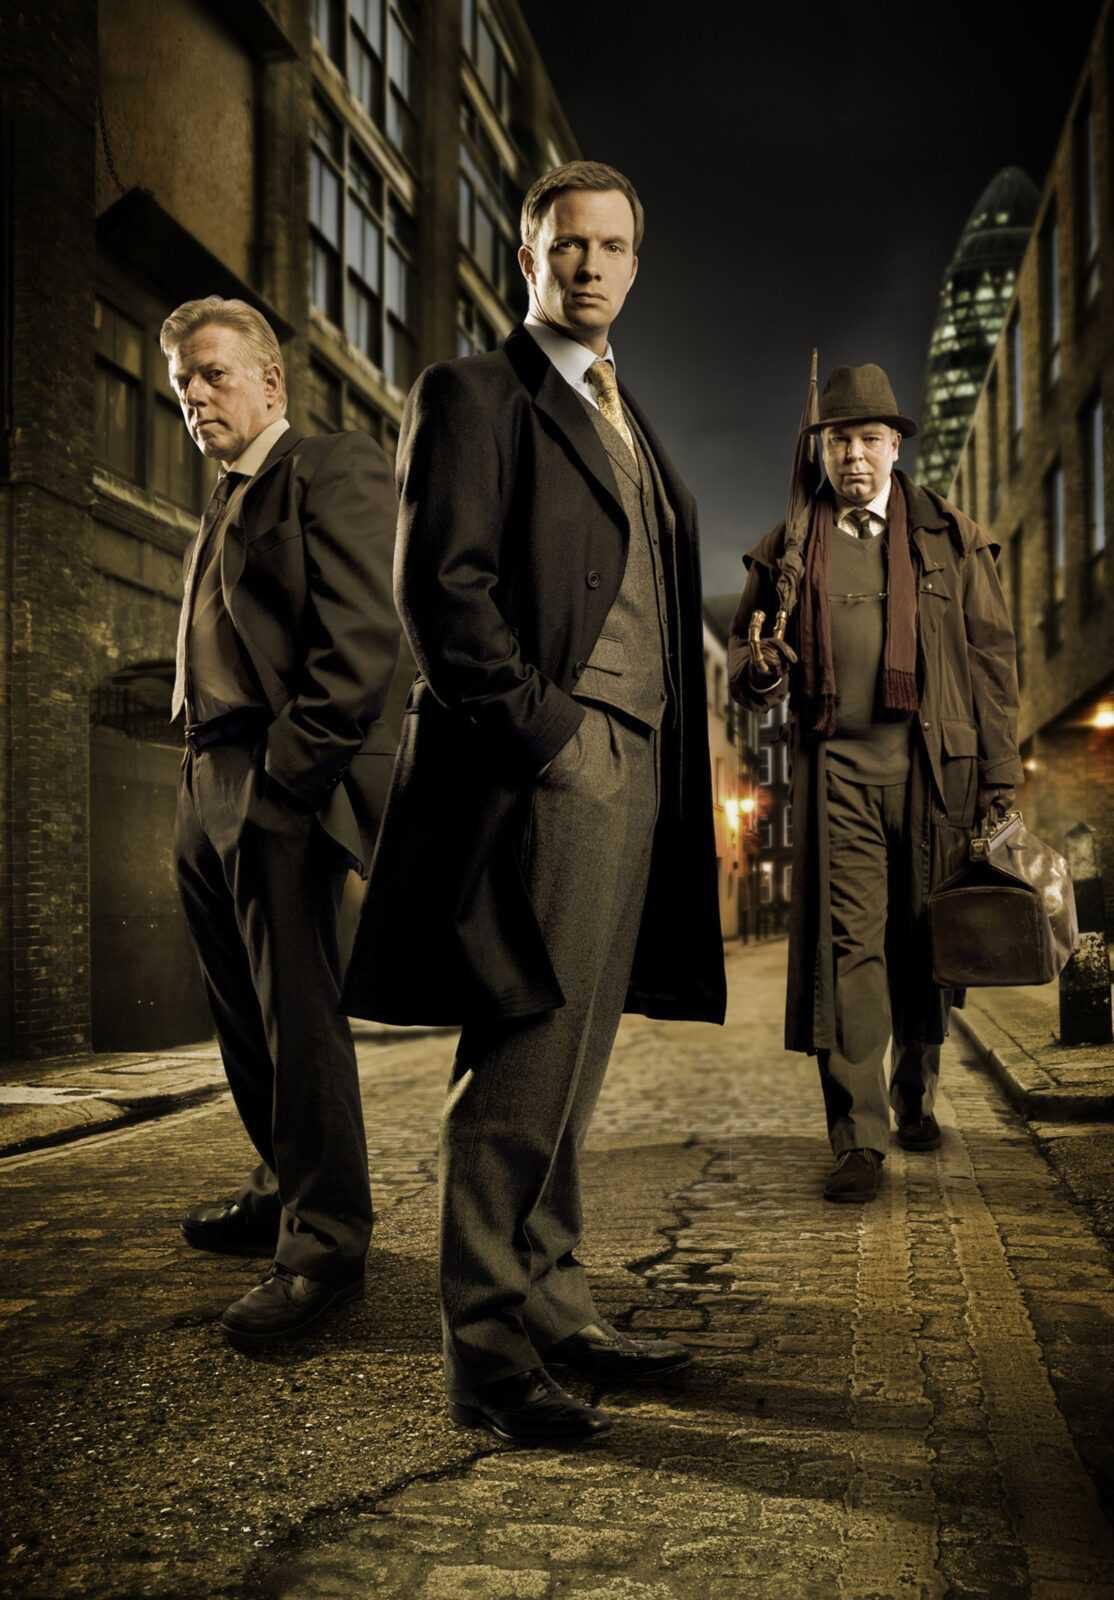 WhiteChapel - Crimini dal passato, in attesa della terza serie torna su Giallo | Digitale terrestre: Dtti.it